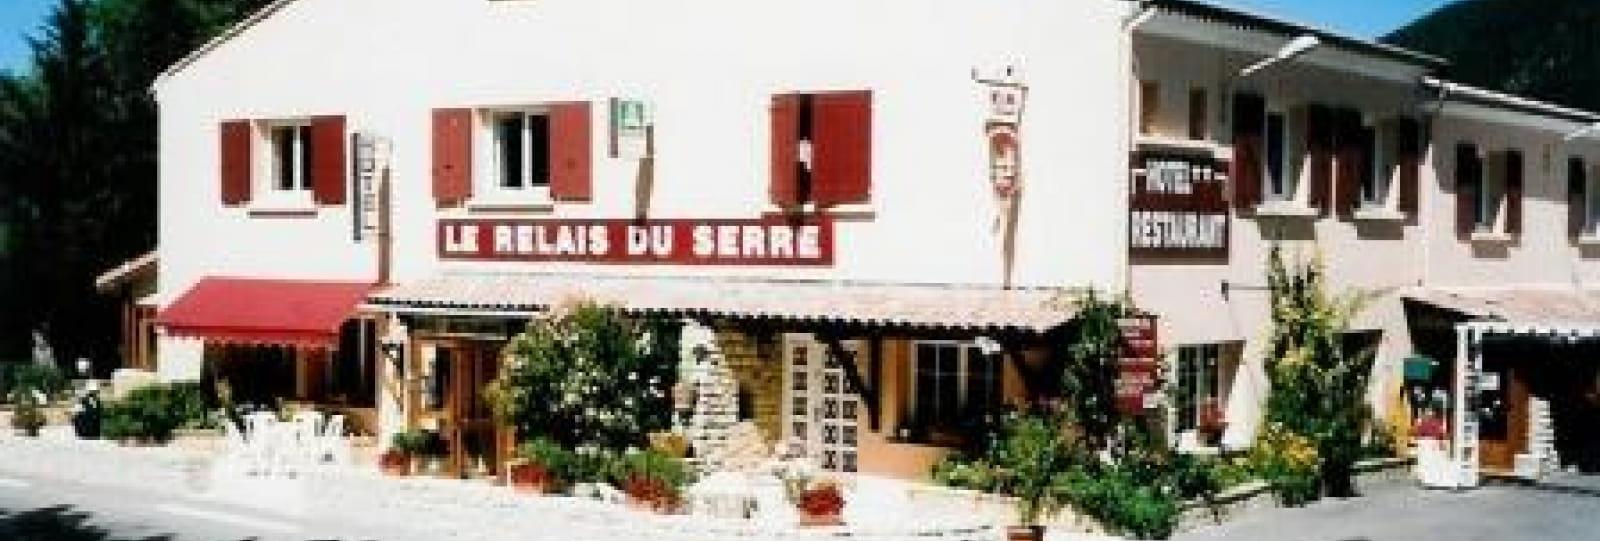 Restaurant le Relais du Serre